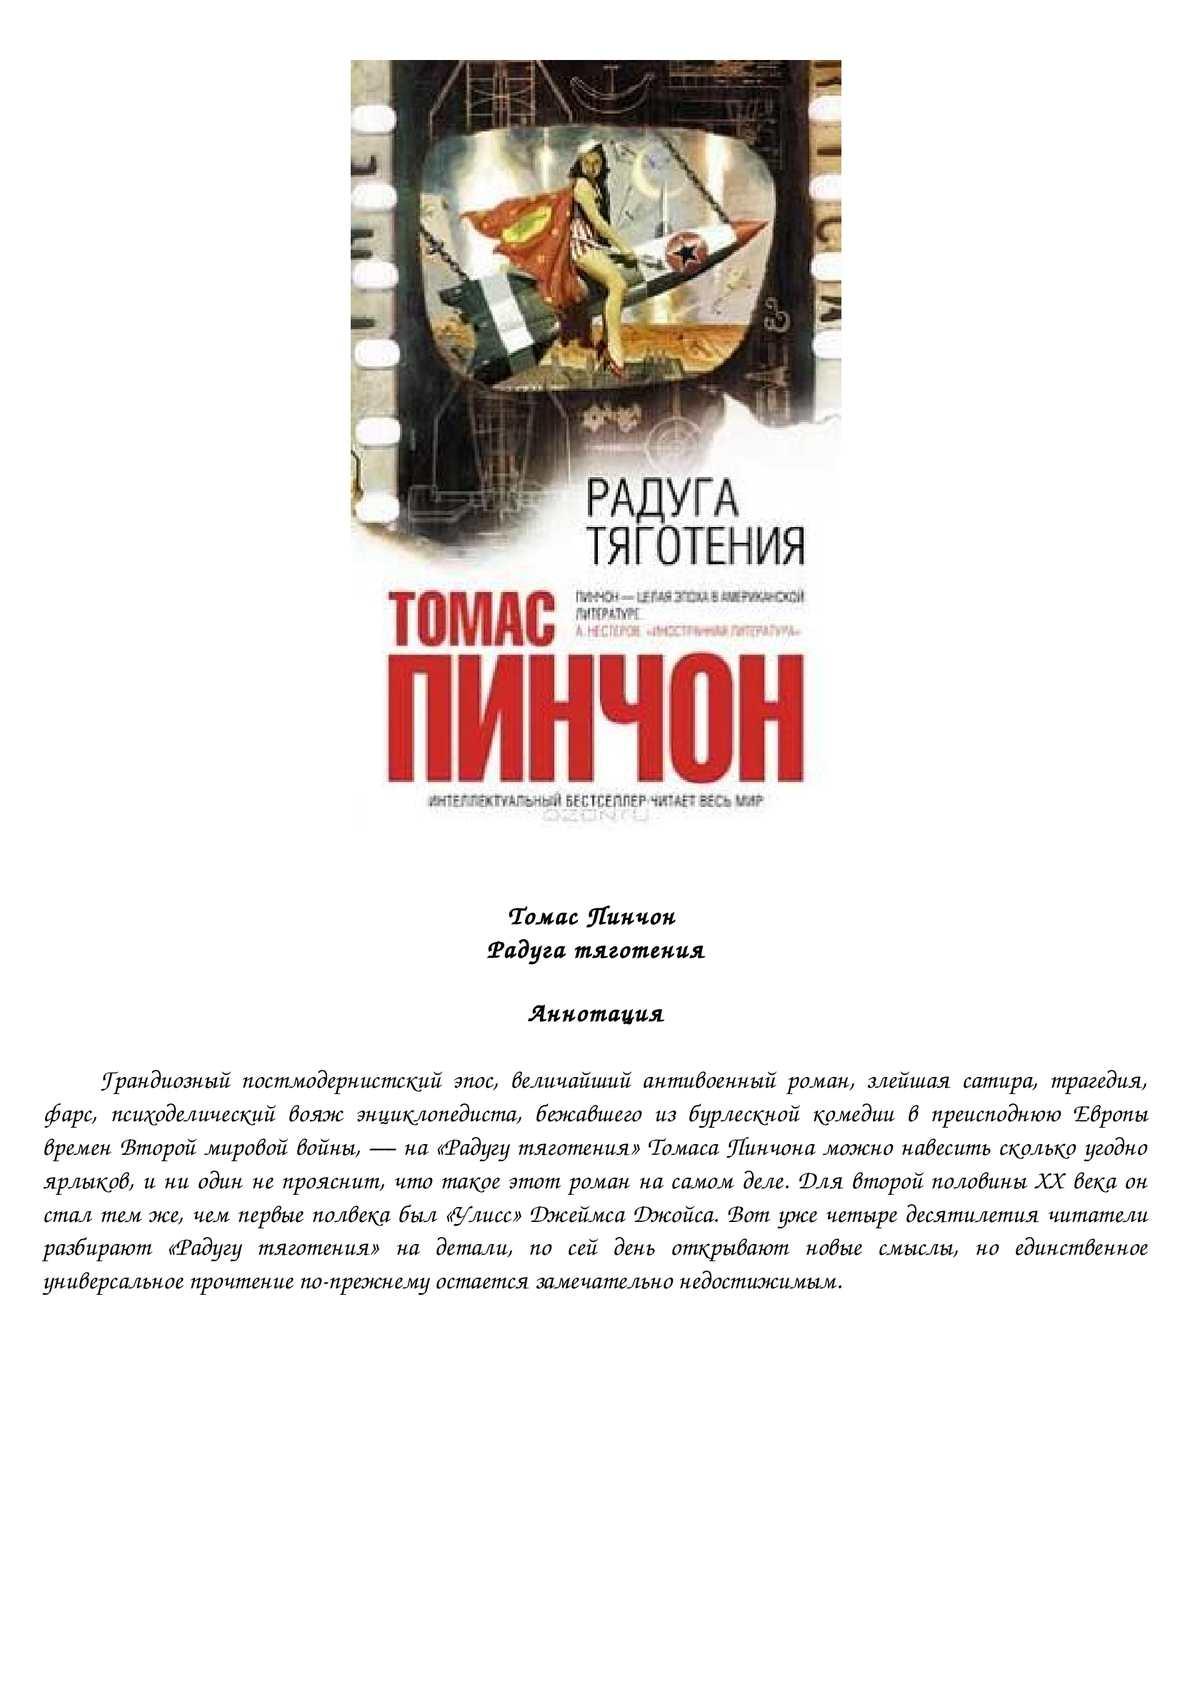 Русское Порно Зрелая Людмила Любит Самцов Помоложе 3